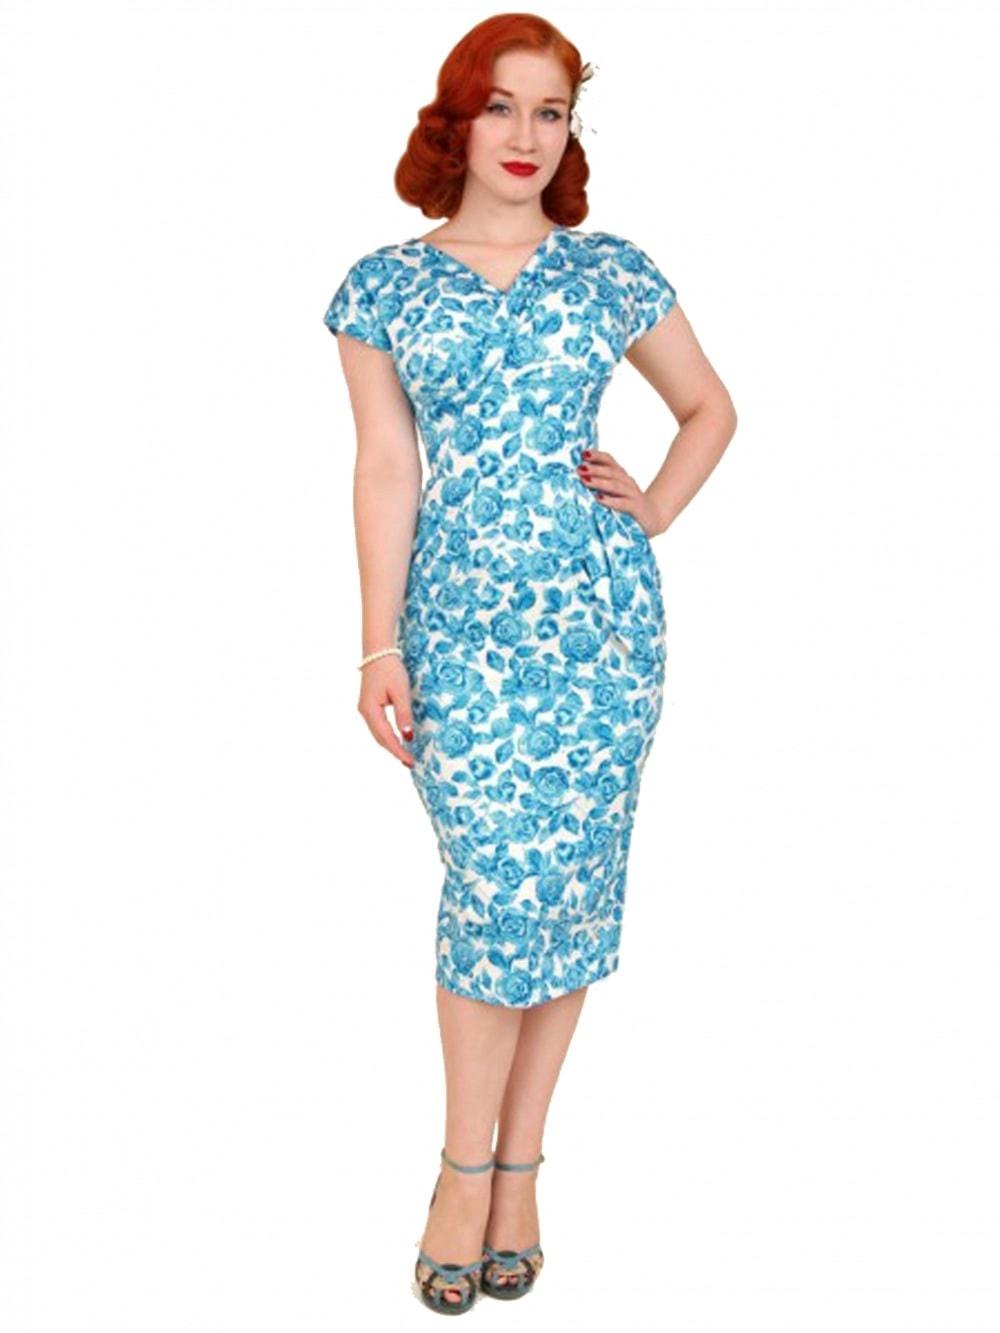 6841493c0d 50s-1950s-Vivien-of-Holloway-Best-Vintage-Reproduction-